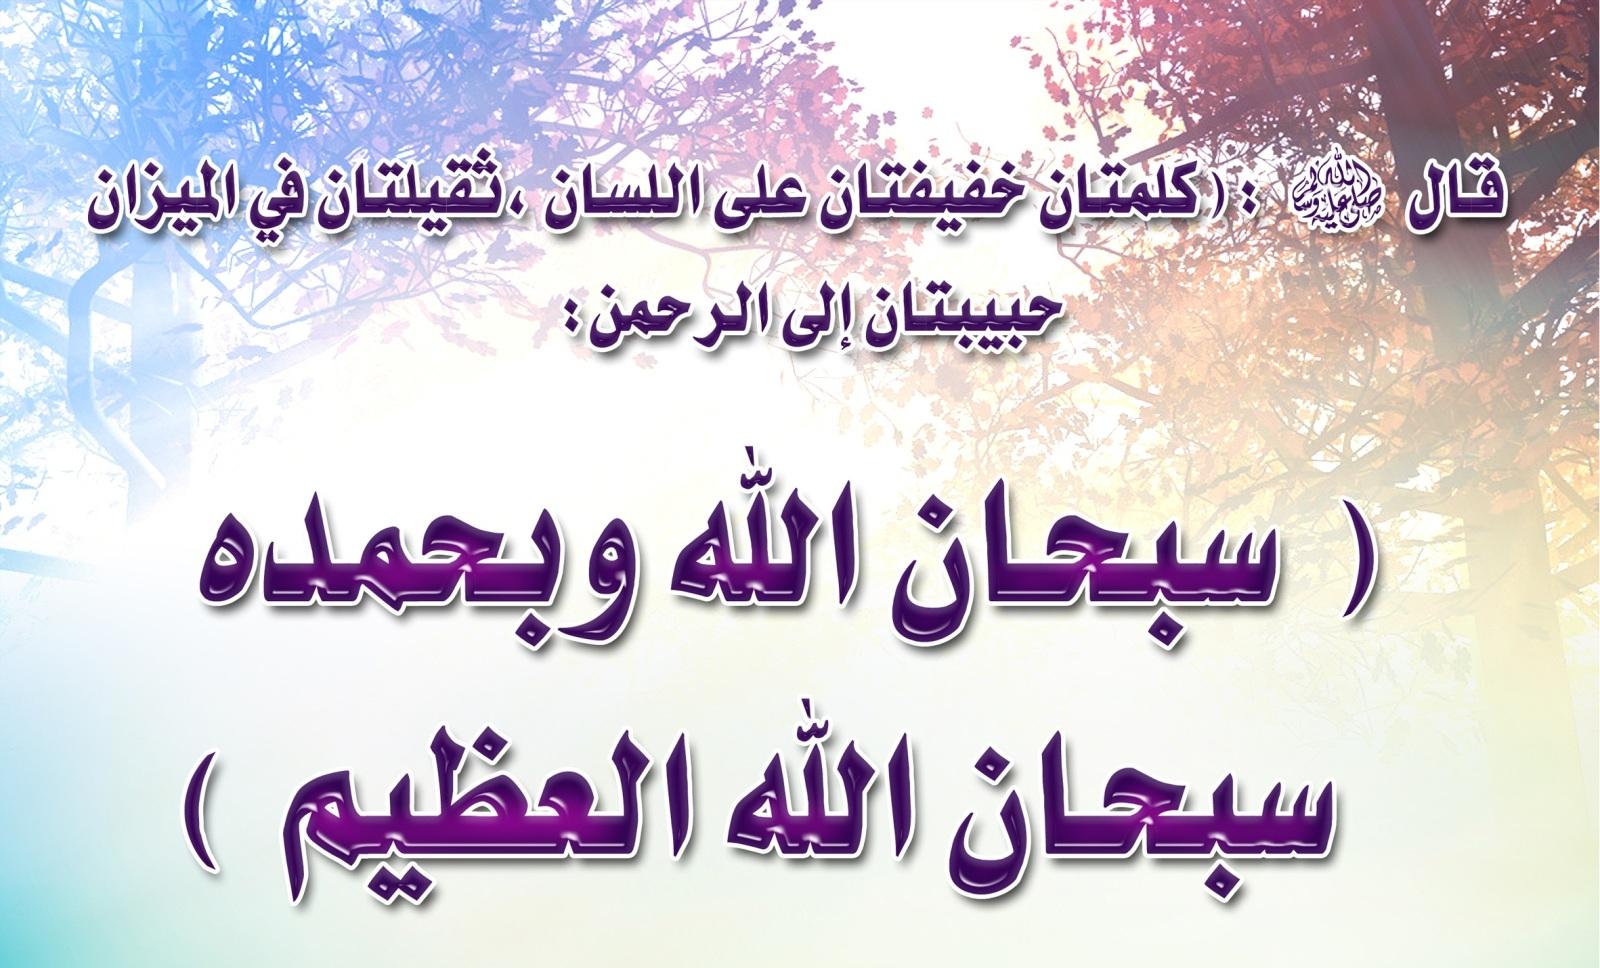 صور خلفيات جميلة دينية و اسلامية ادعية اسلامية 21